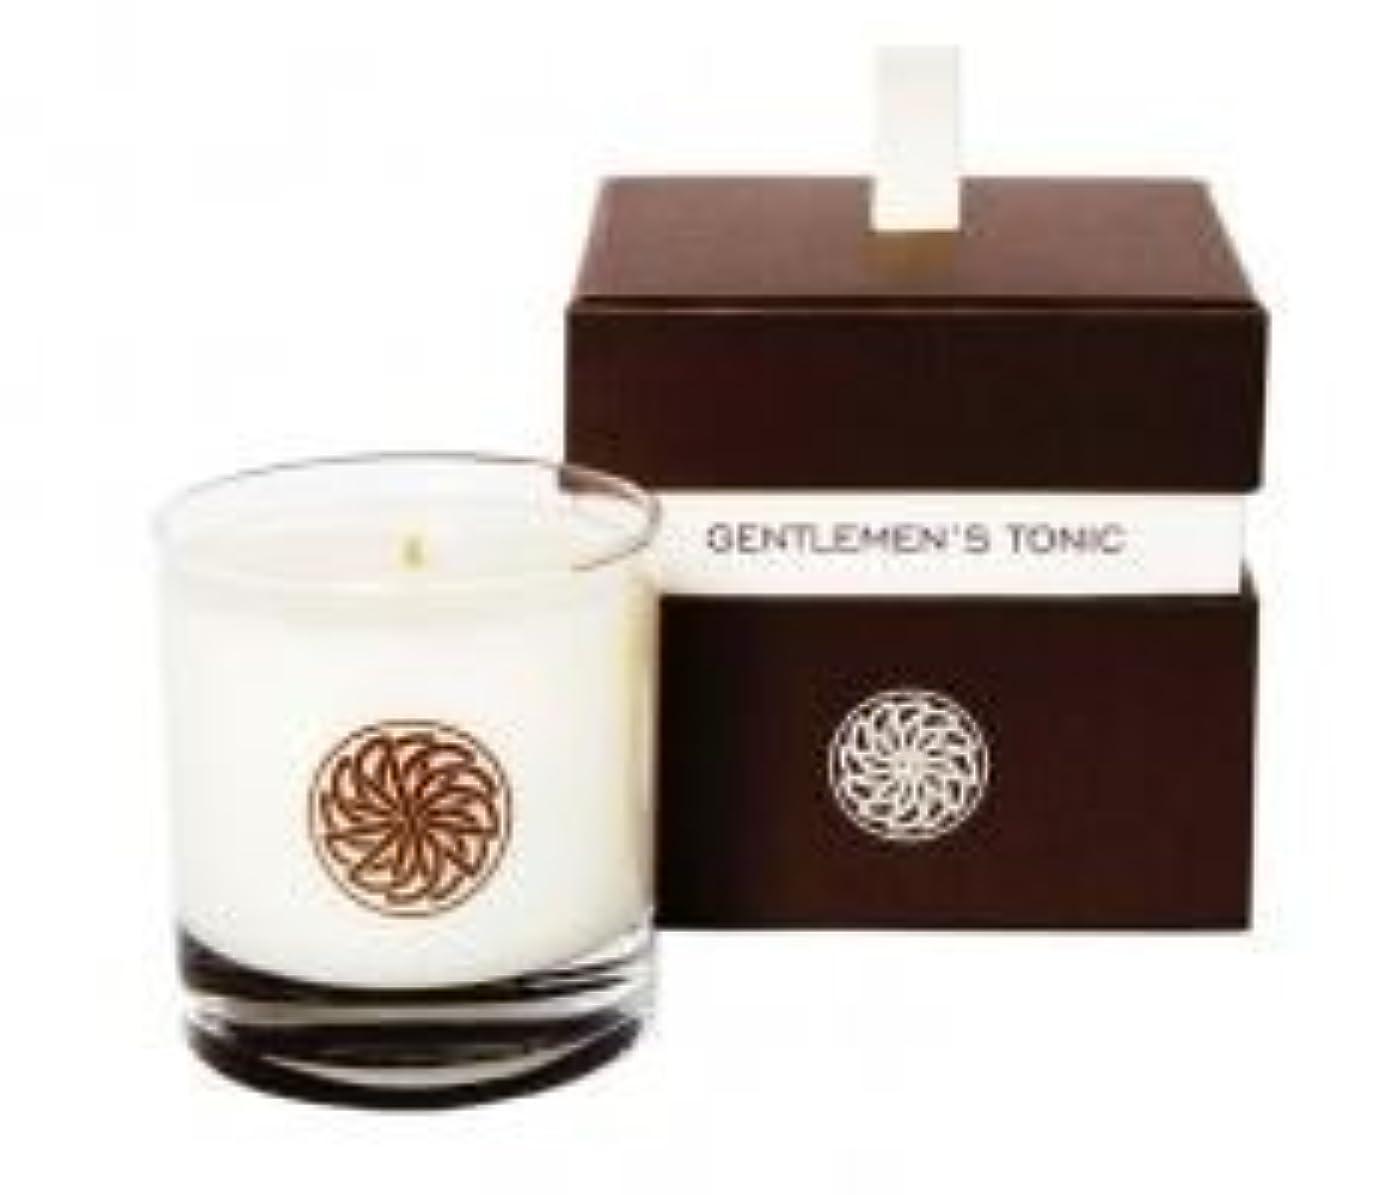 郵便屋さん辞任早熟Gentlemen's Tonic ジェントルメンズトニック Gift Candle Box (ギフトキャンドルボックス) 300g